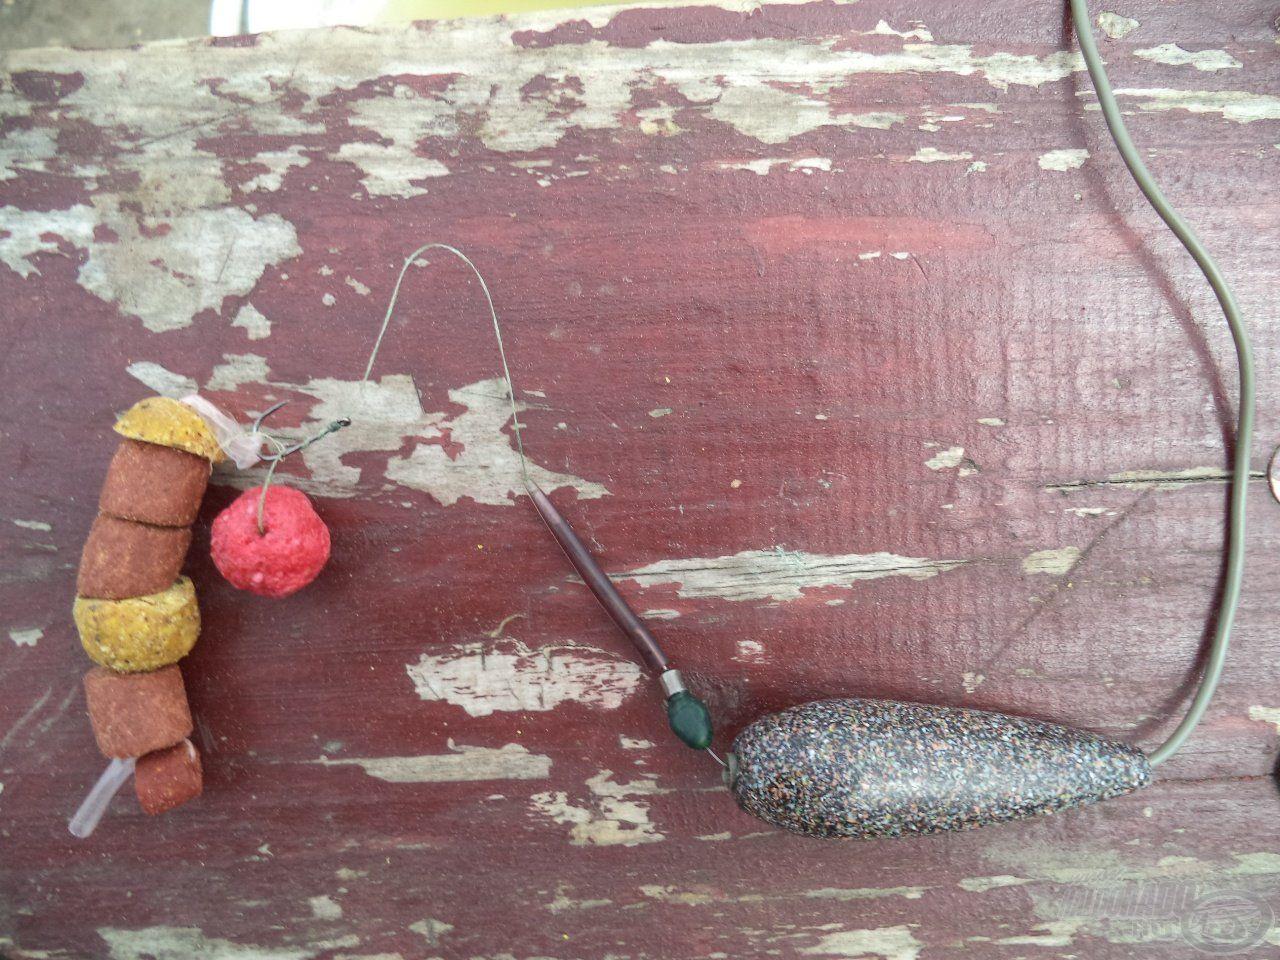 A végszerelék a horgon PVA szalaggal felkínál pár szem bónusz falattal